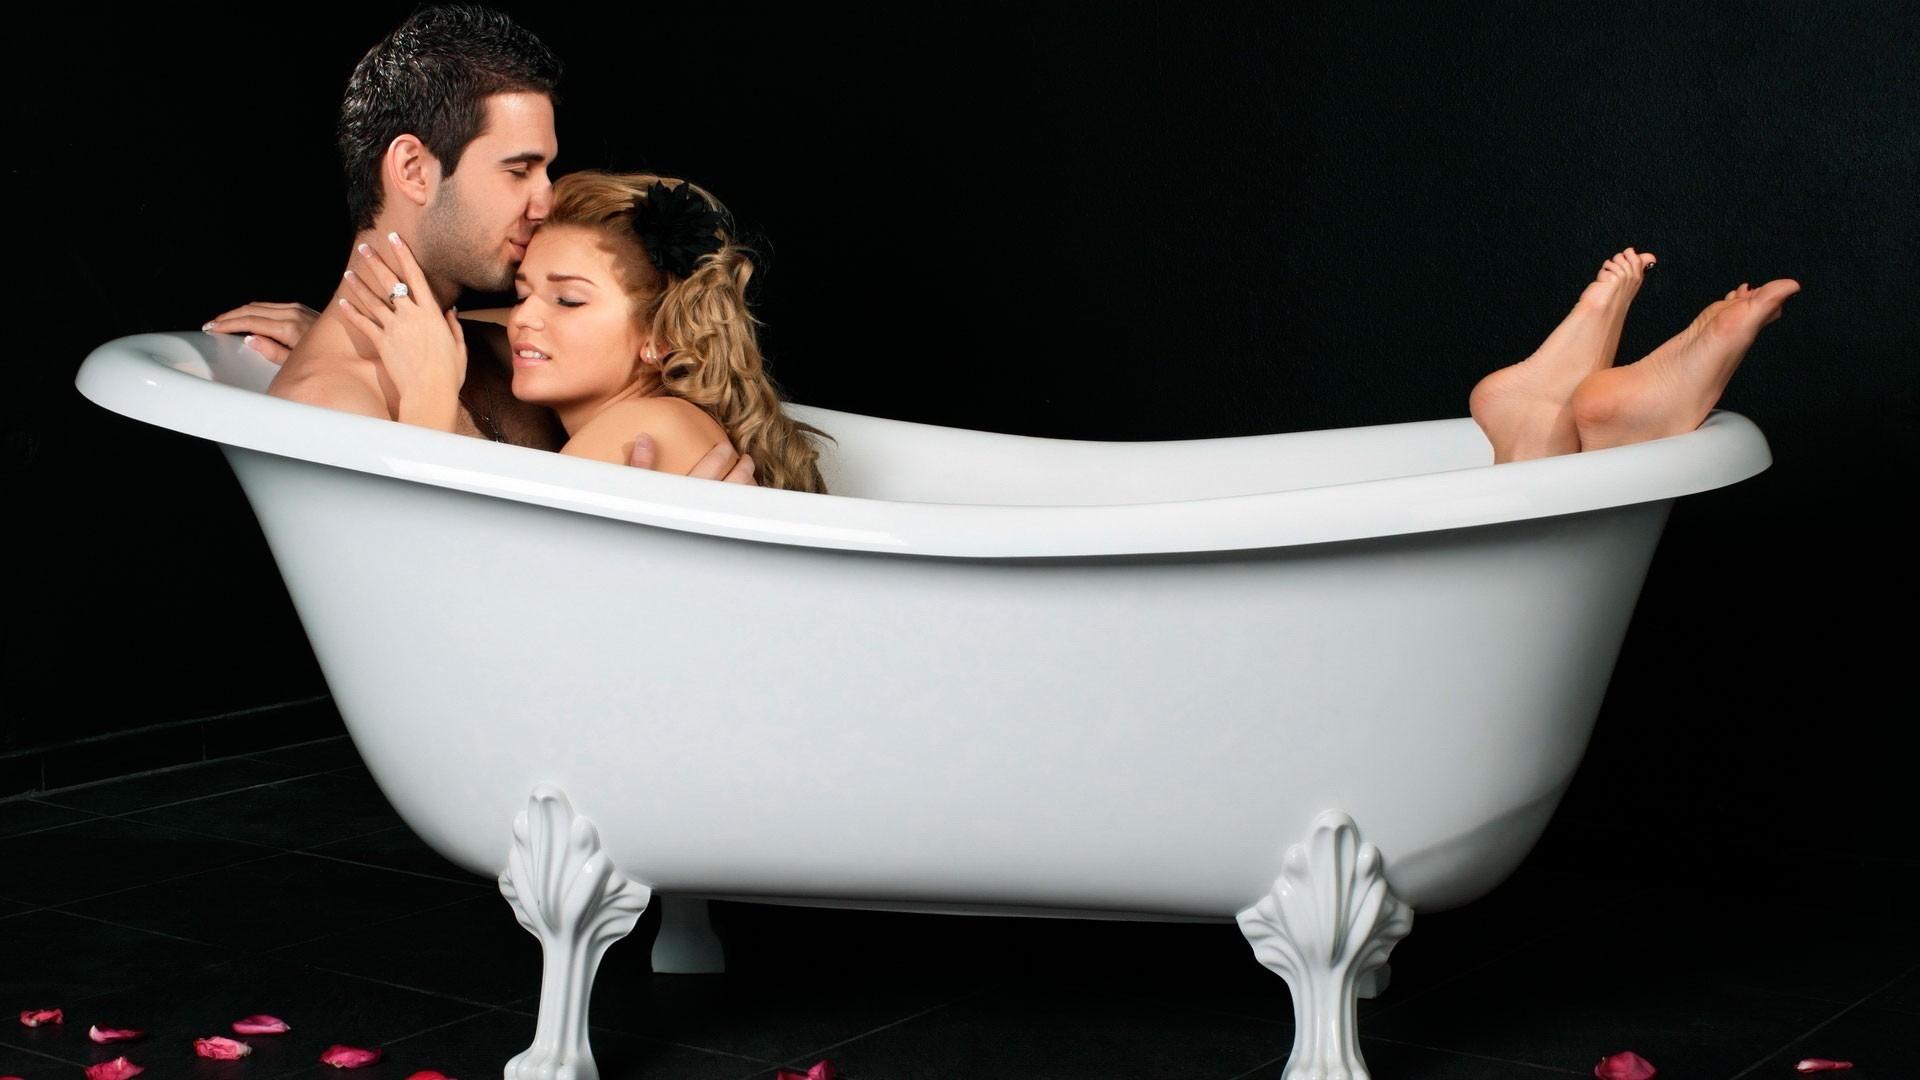 Принимаем ванну вдвоем фото 15 фотография